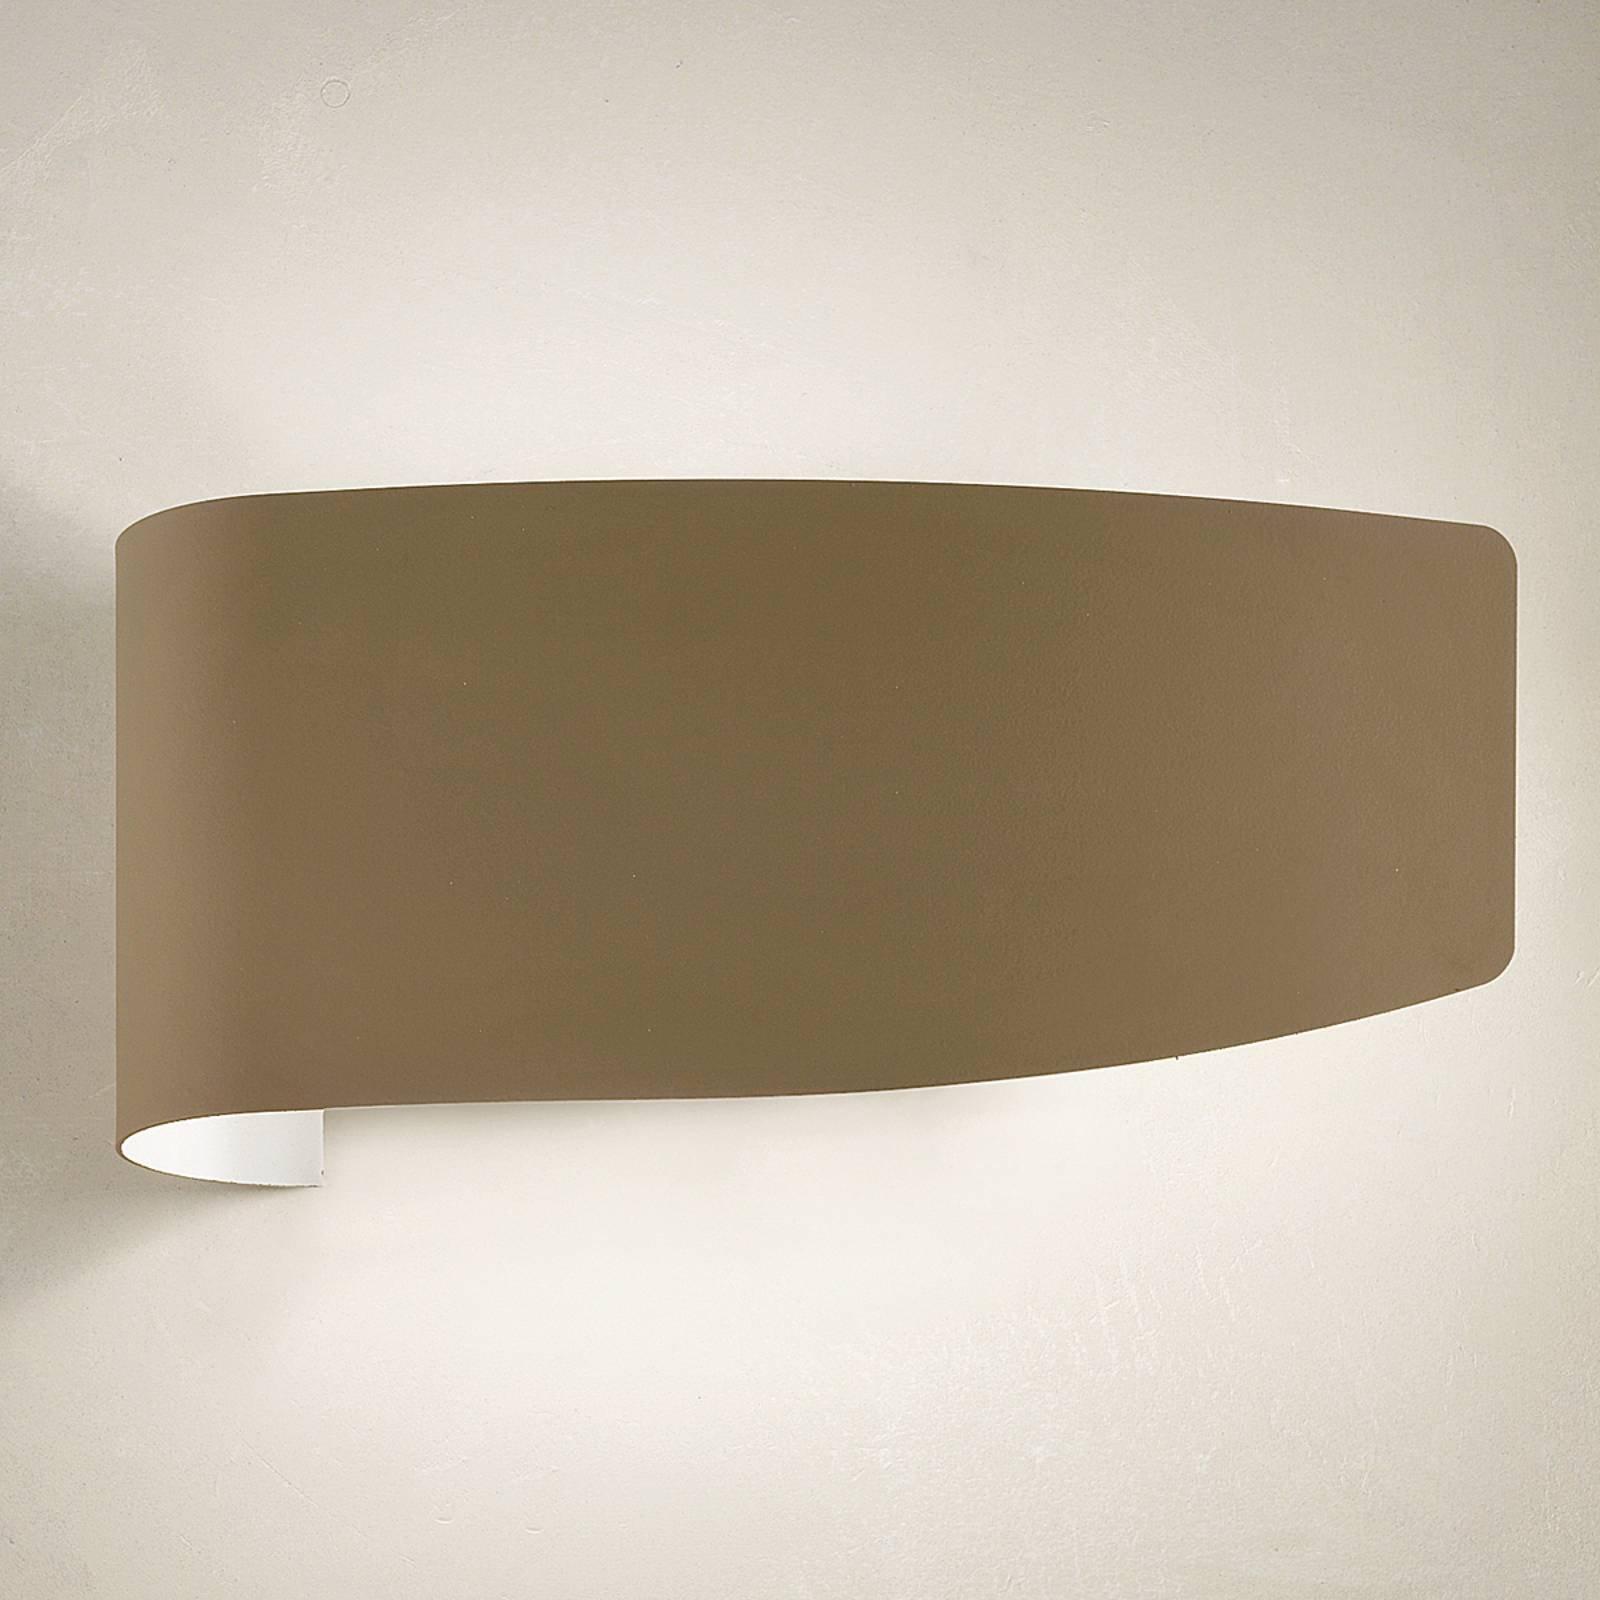 Vegglampe Virgola med dekorativt design, leire